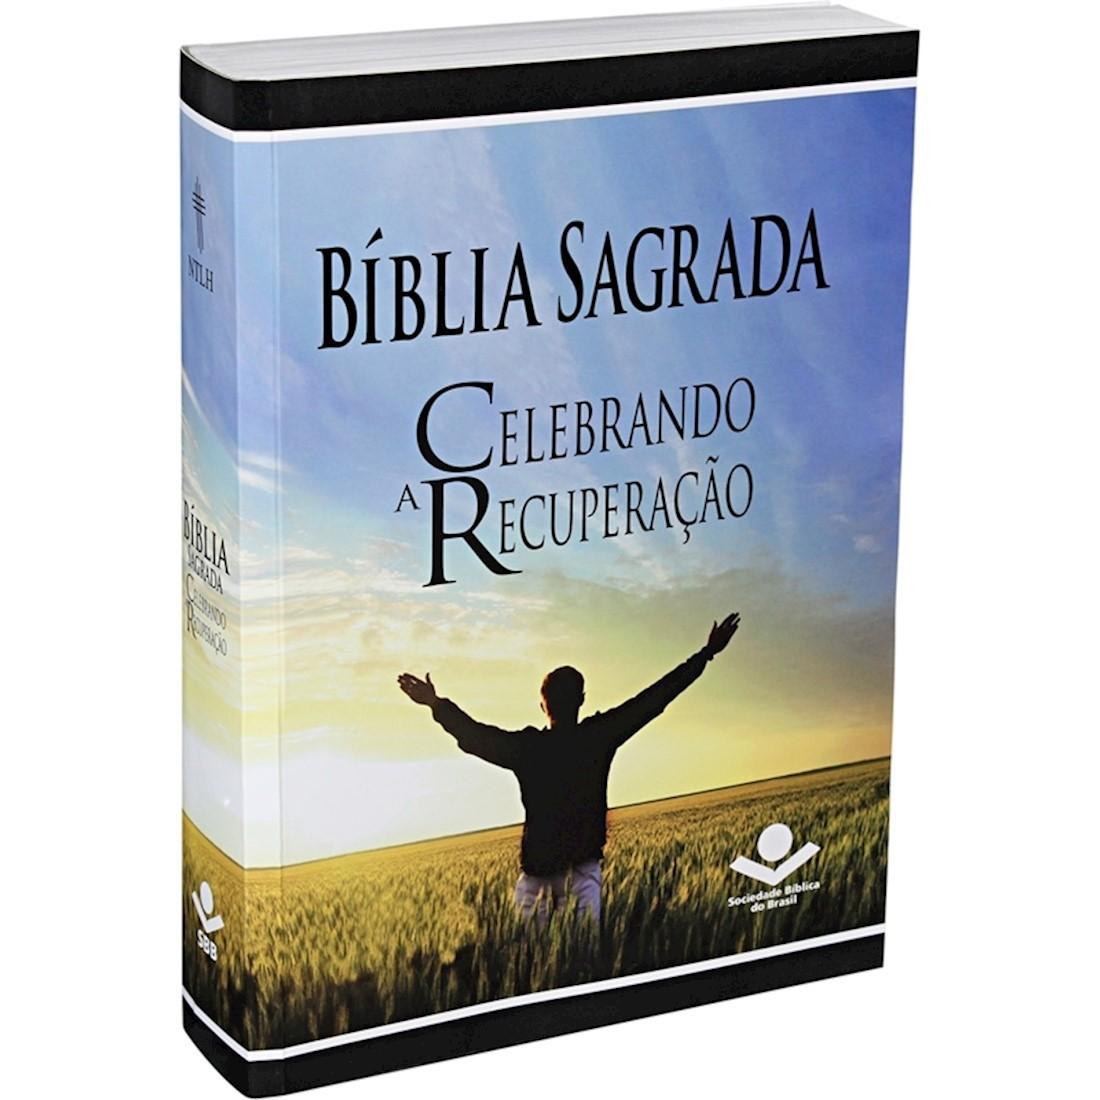 Bíblia Sagrada Celebrando a Recuperação